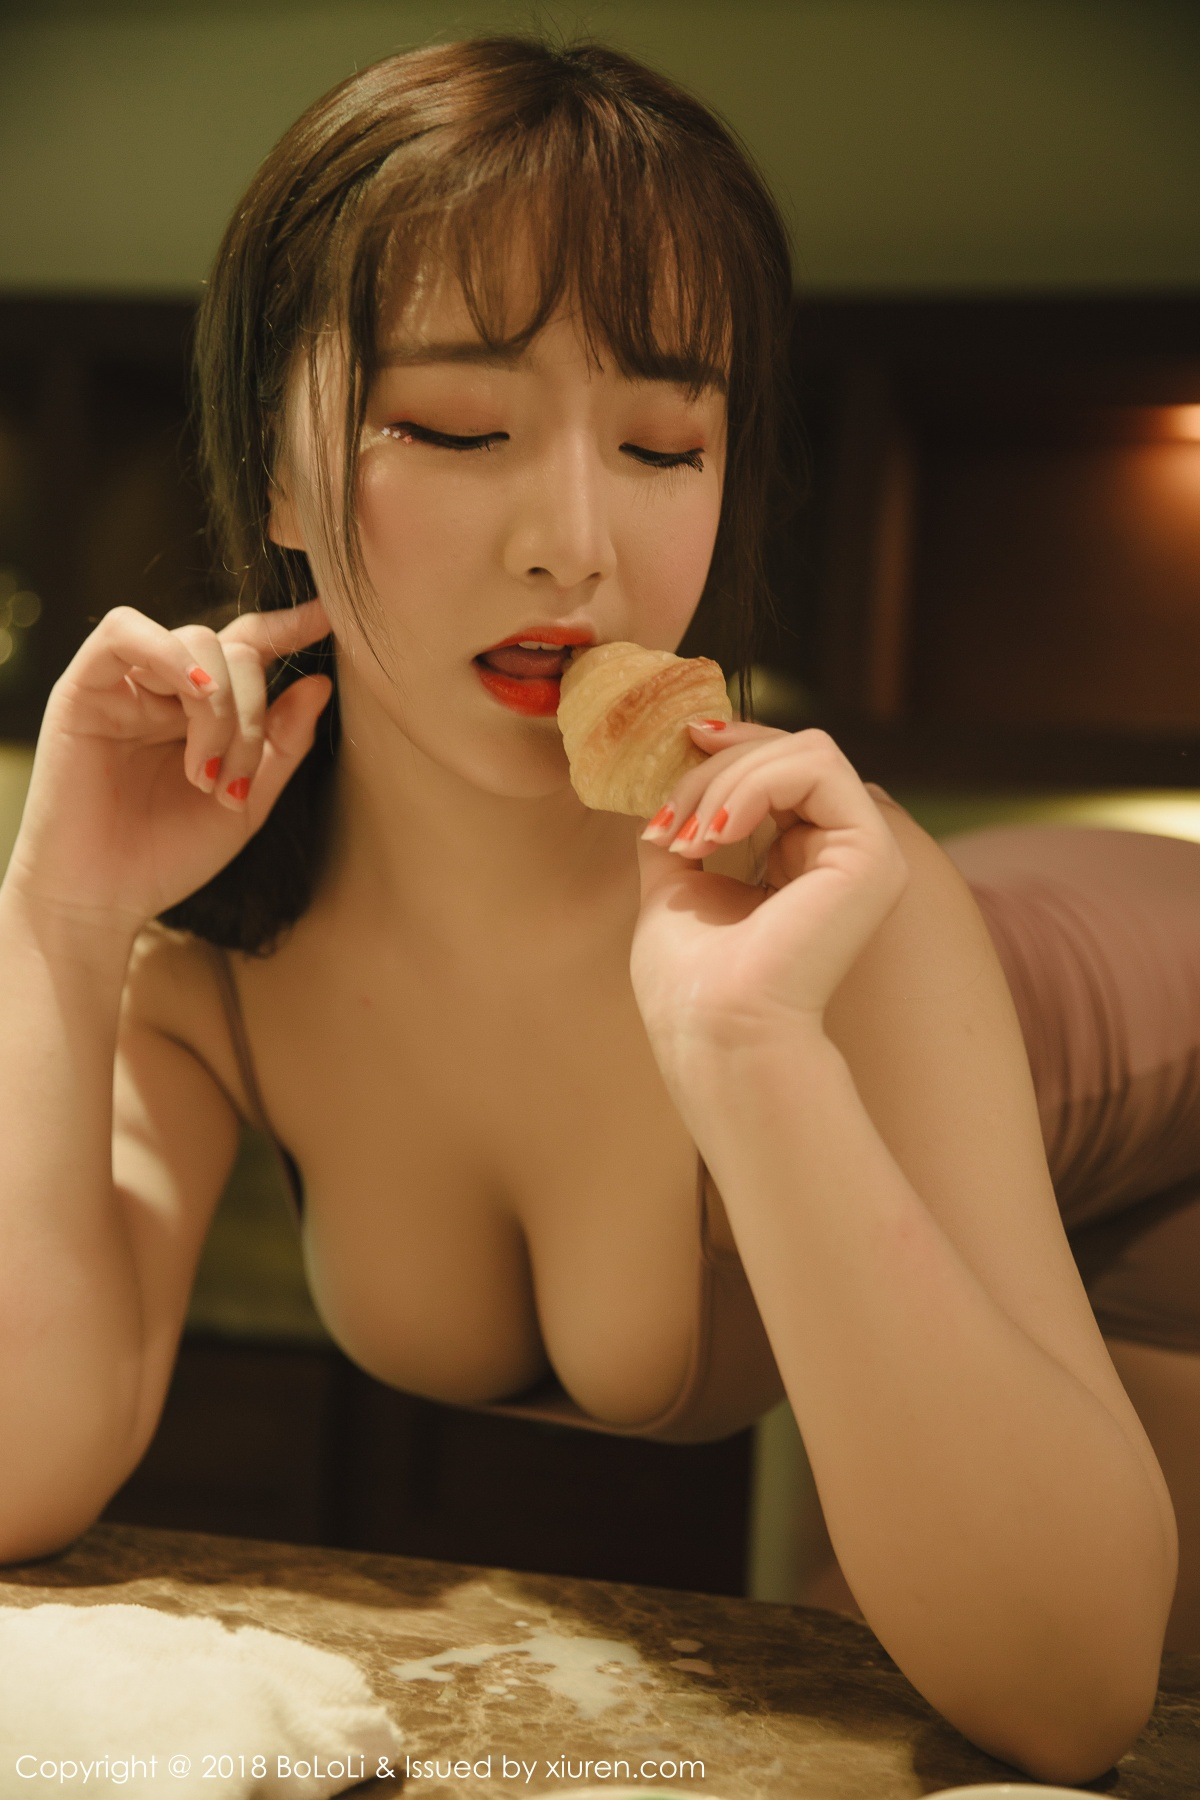 波萝社 [BoLoLi] 2018.04.12 VOL.114 芒果milk